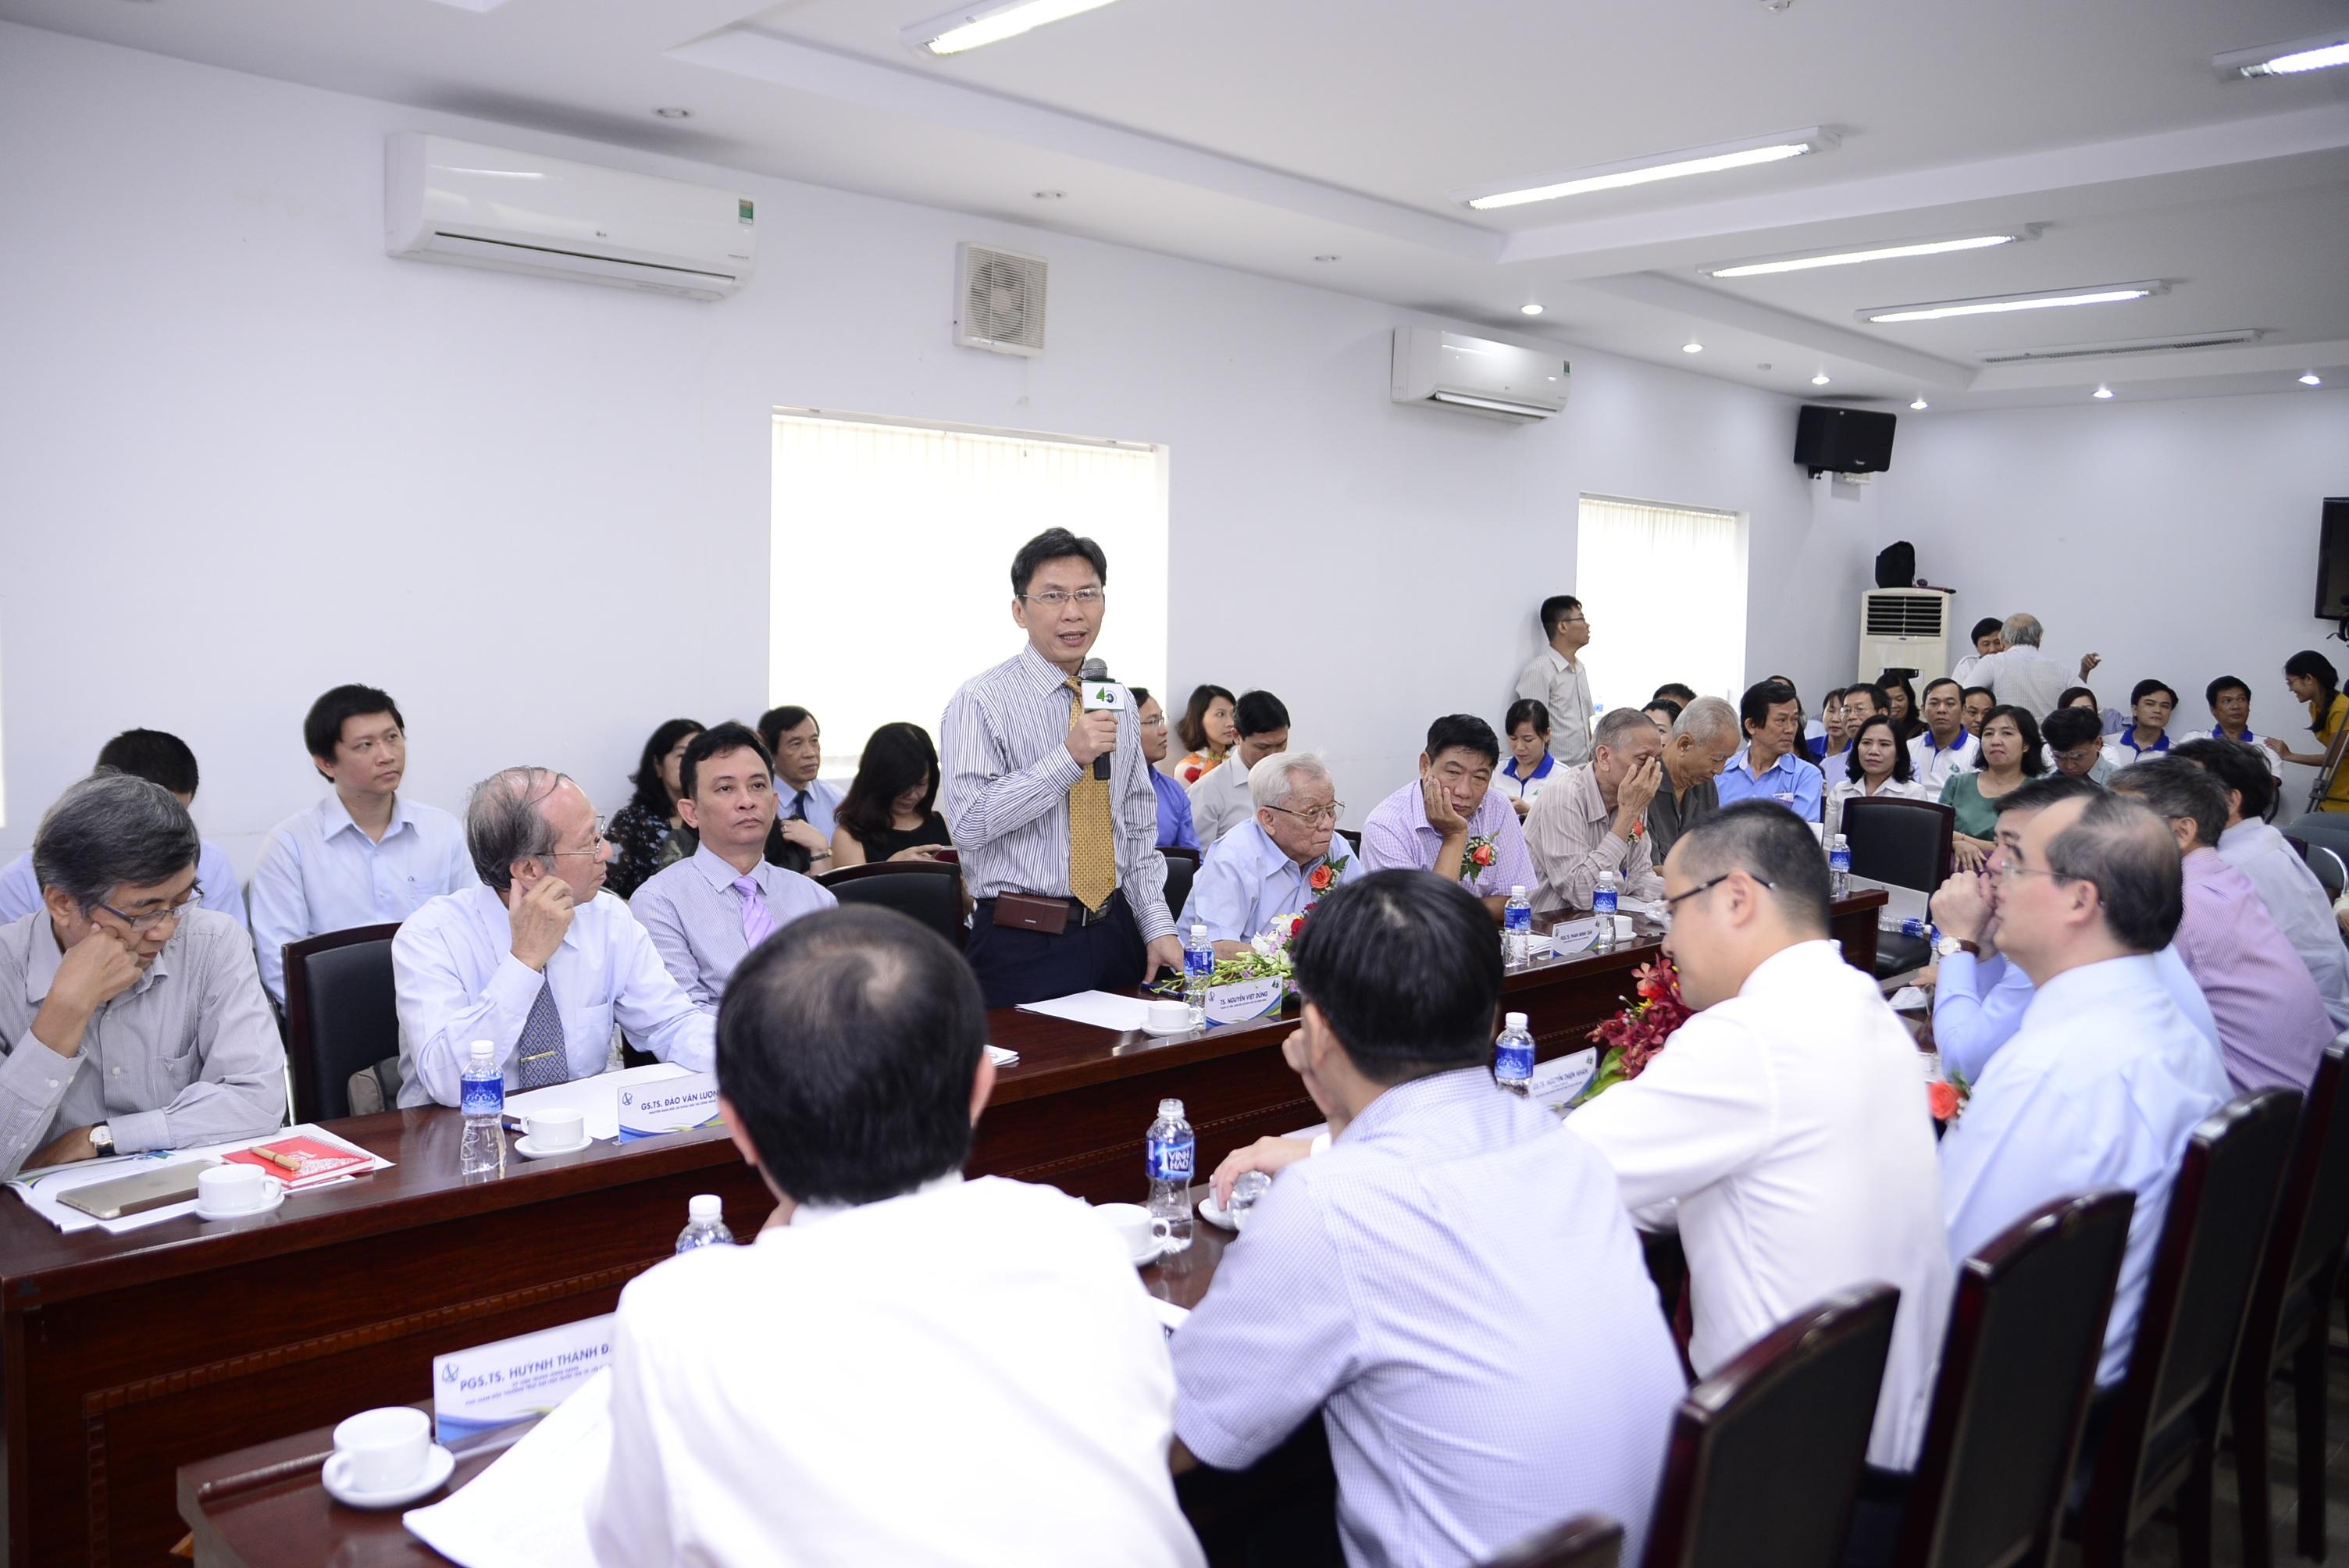 Ông Nguyễn Việt Dũng, Đại biểu Quốc hội, Giám đốc Sở KH&CN